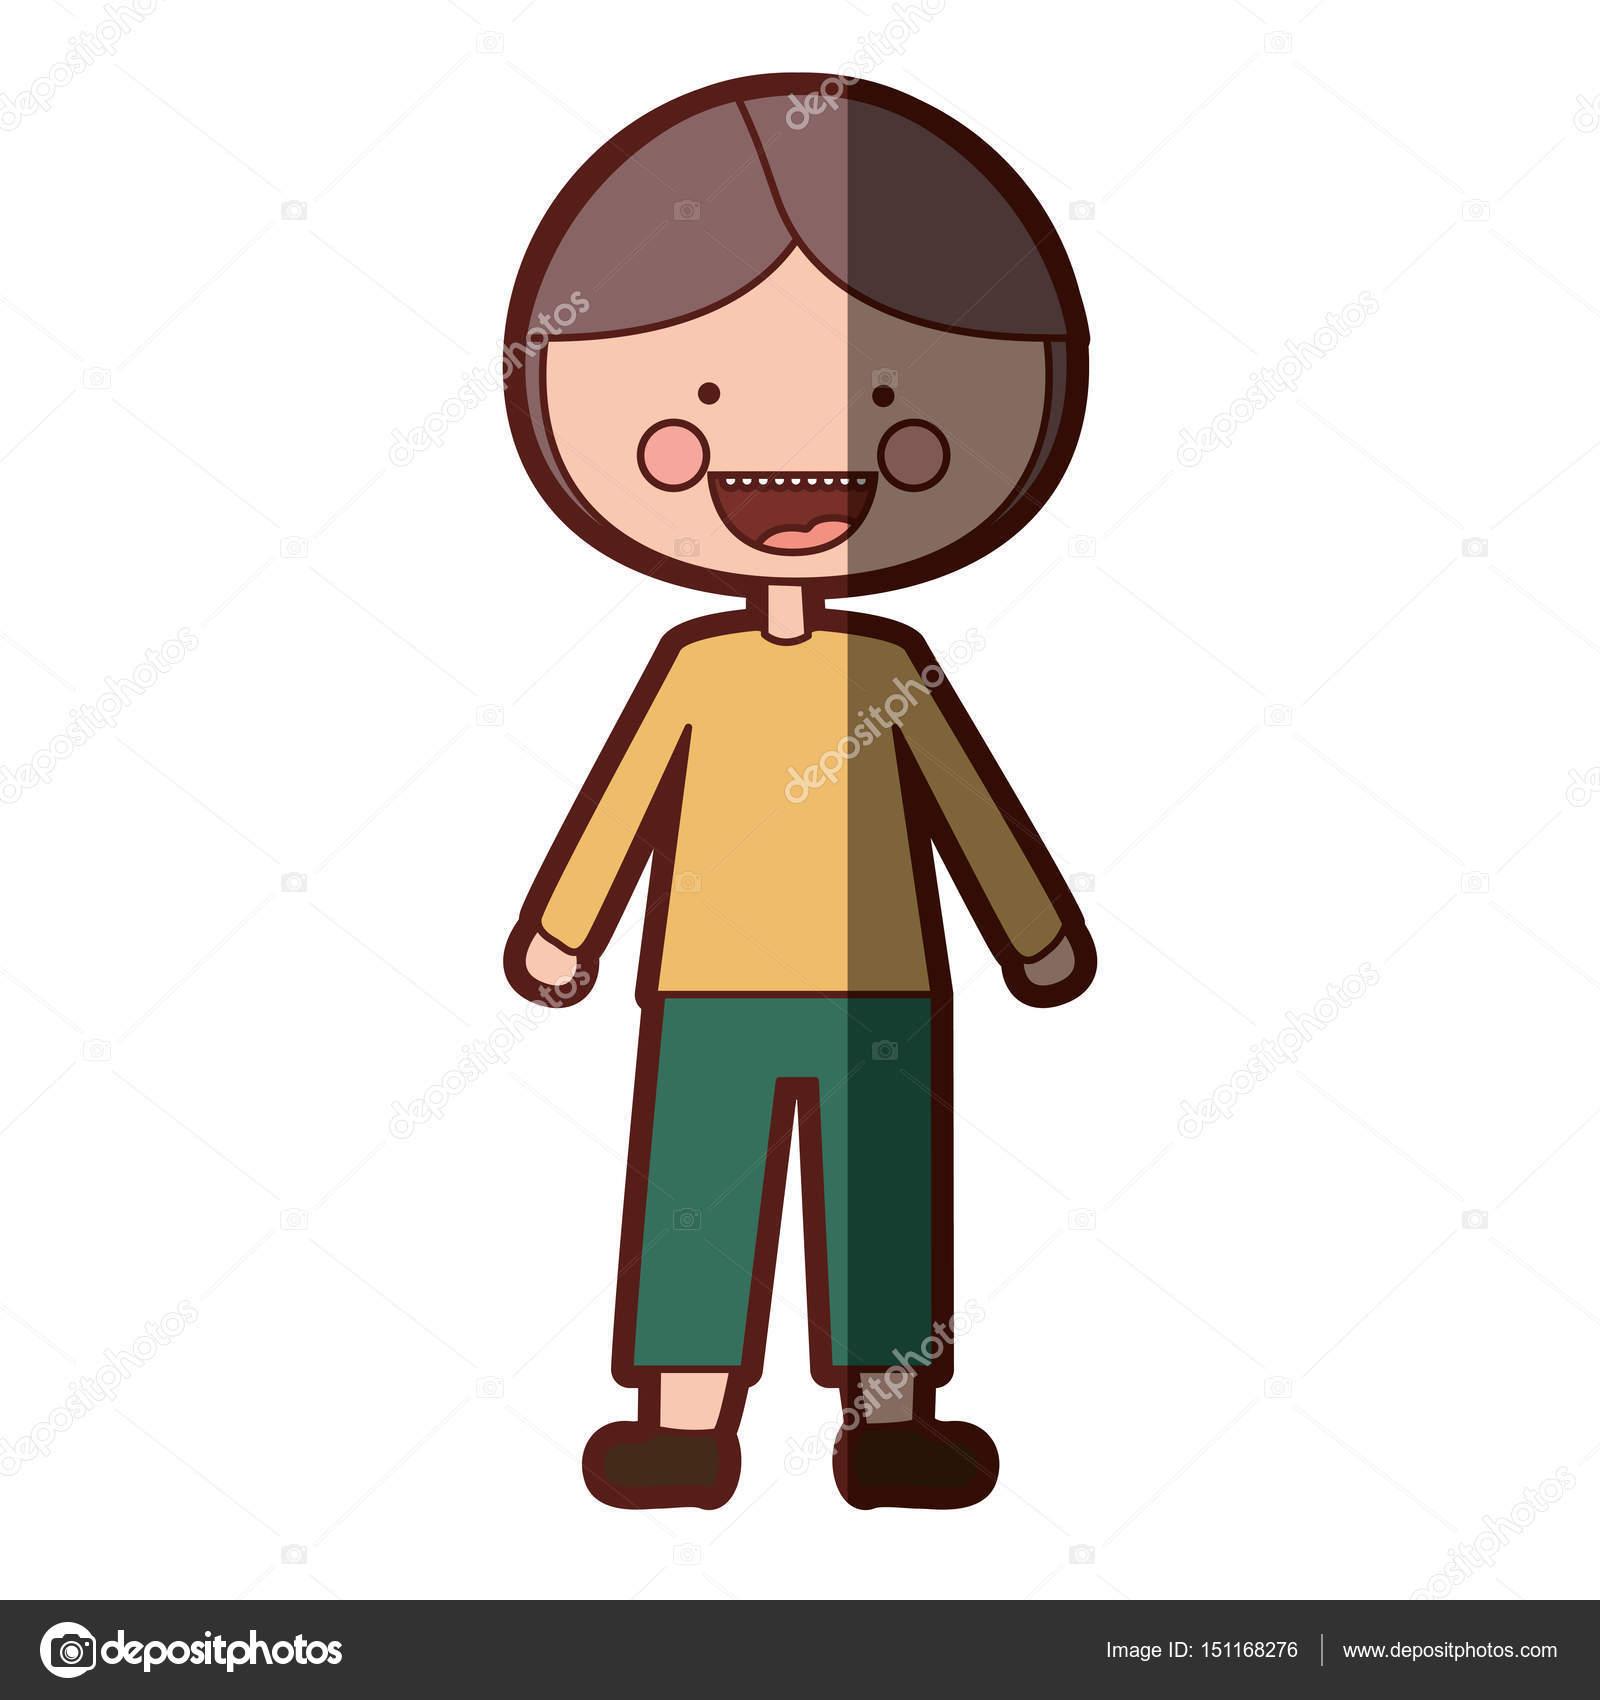 niño de dibujos animados de expresión sonrisa sombra silueta color ...